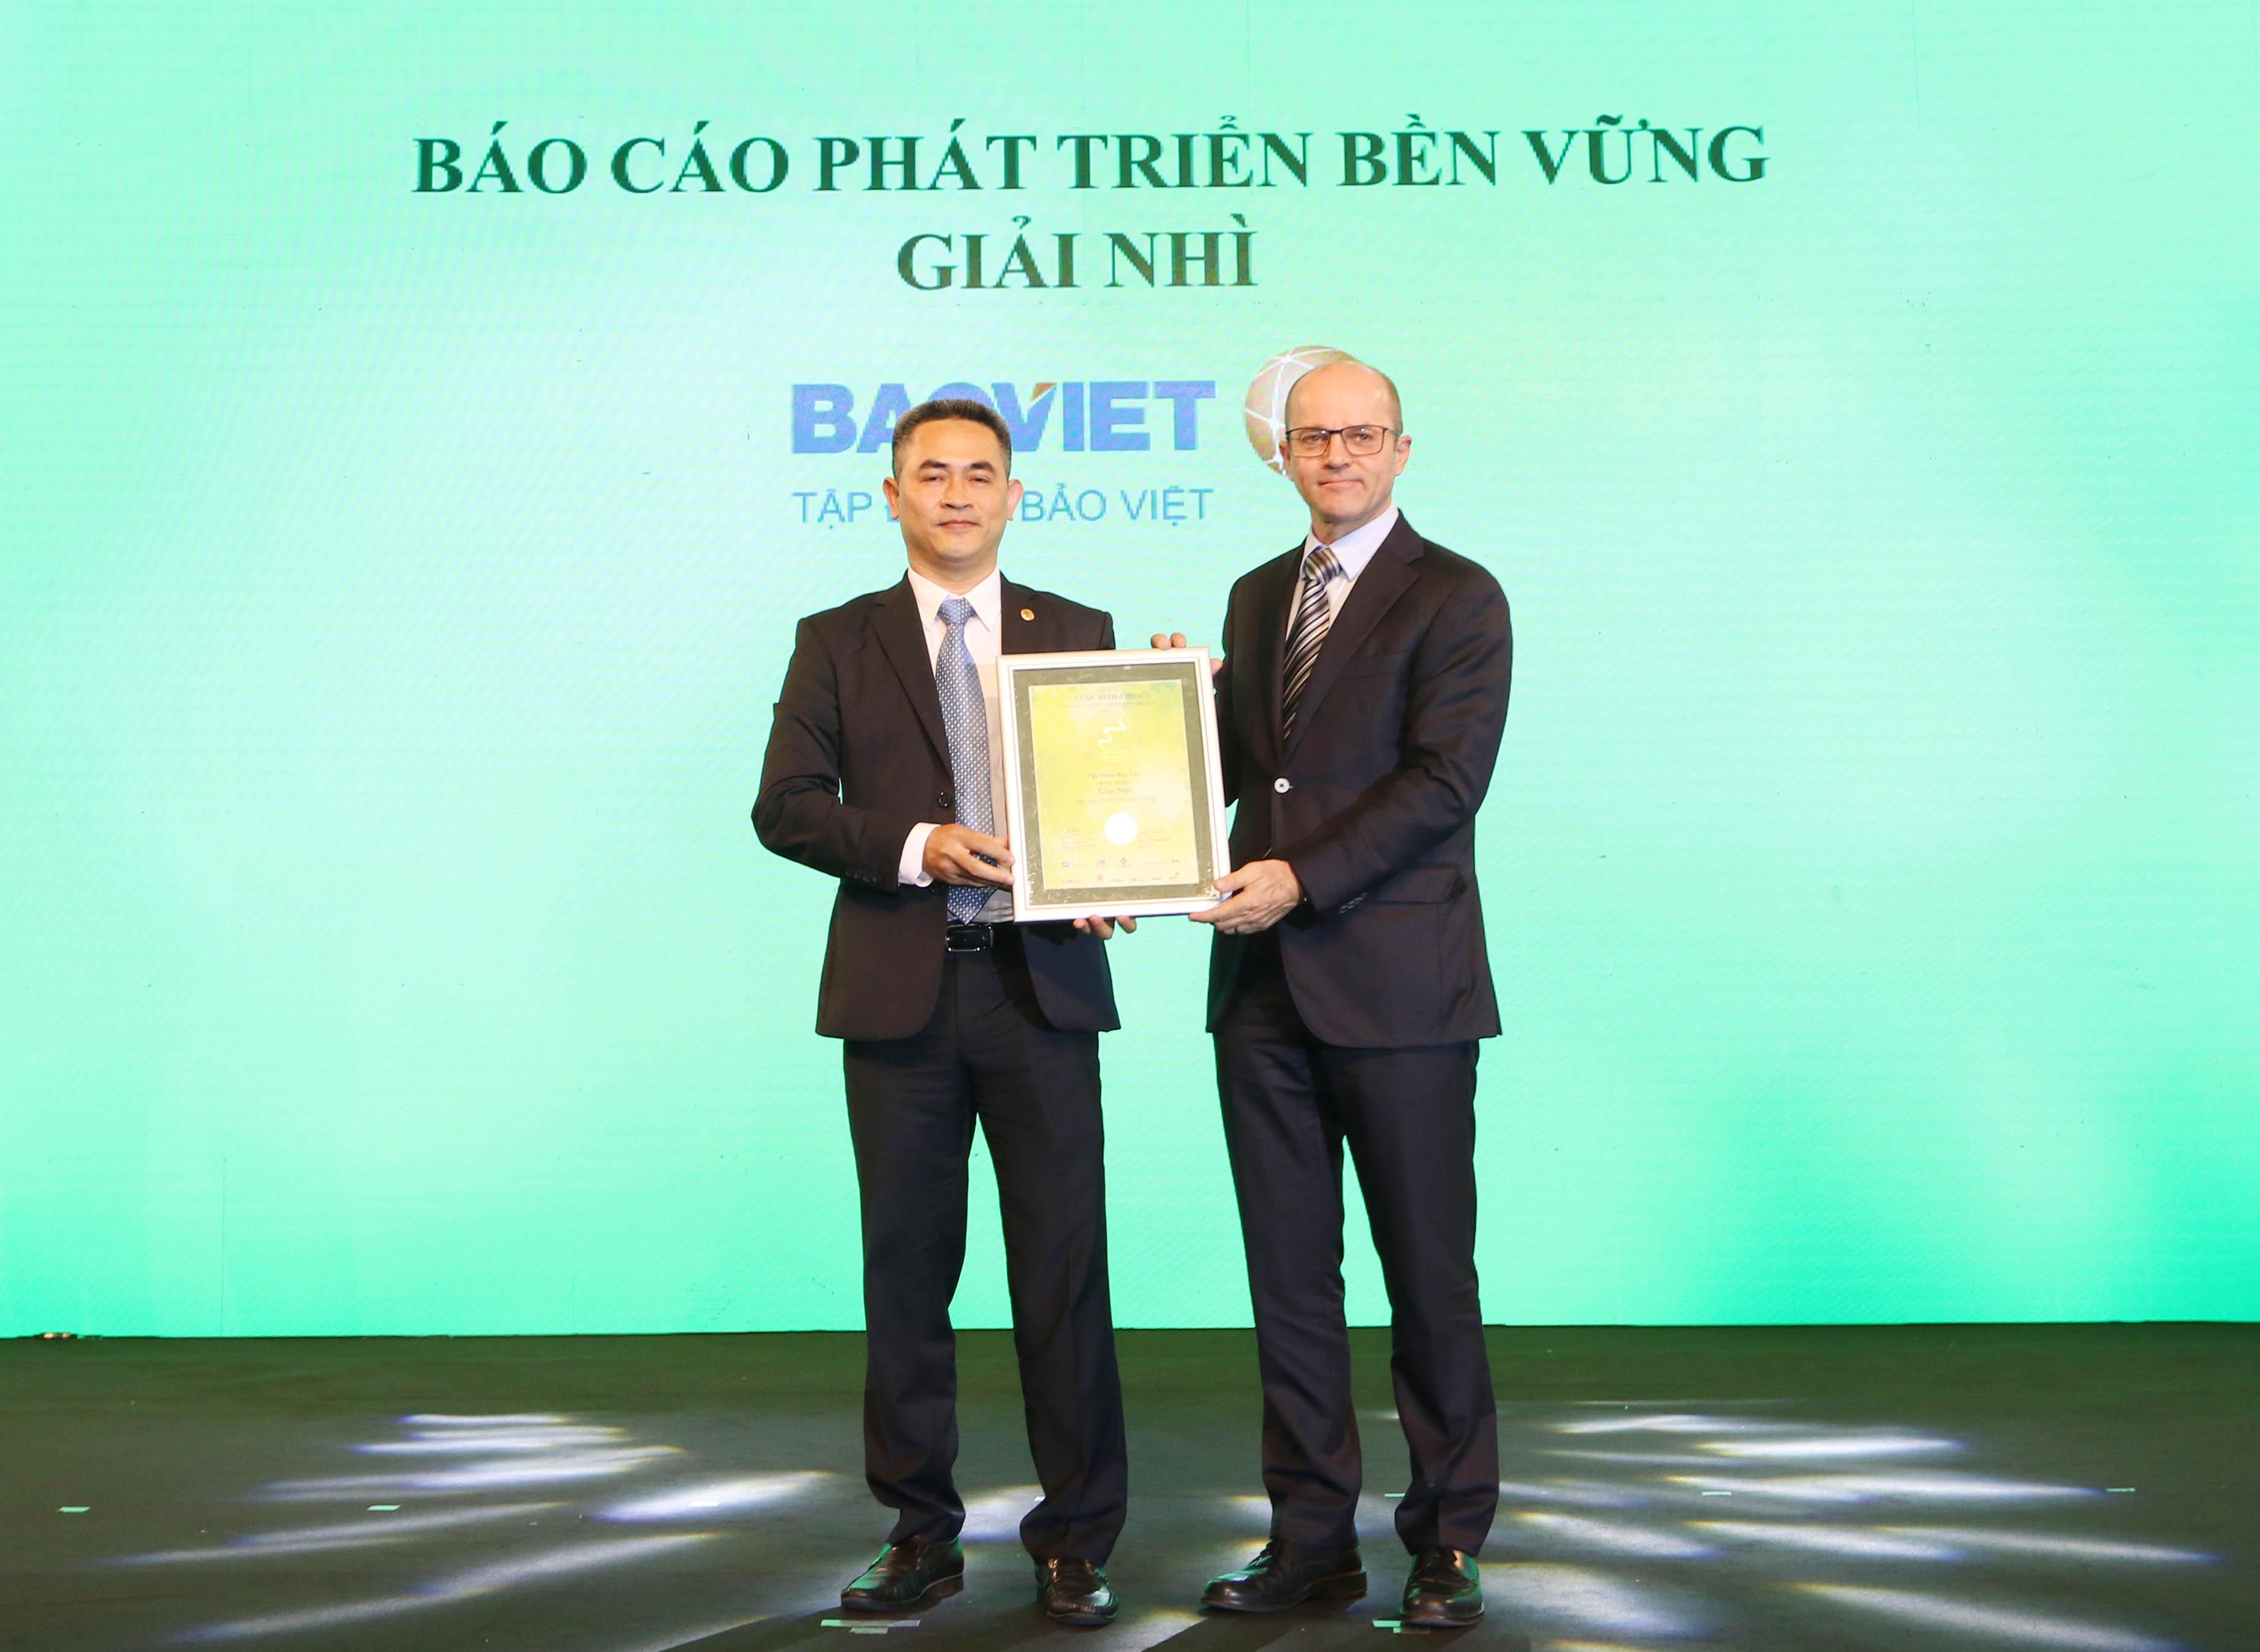 https://www.aravietnam.vn/wp-content/uploads/2020/12/62_Ông-Beat-Schuerch-Tổng-giám-dốc-Công-ty-Dragon-Capital-trao-giải-nhì-Báo-cáo-phát-triển-bền-vững-cho-Tập-doàn-Bảo-Việt.jpg